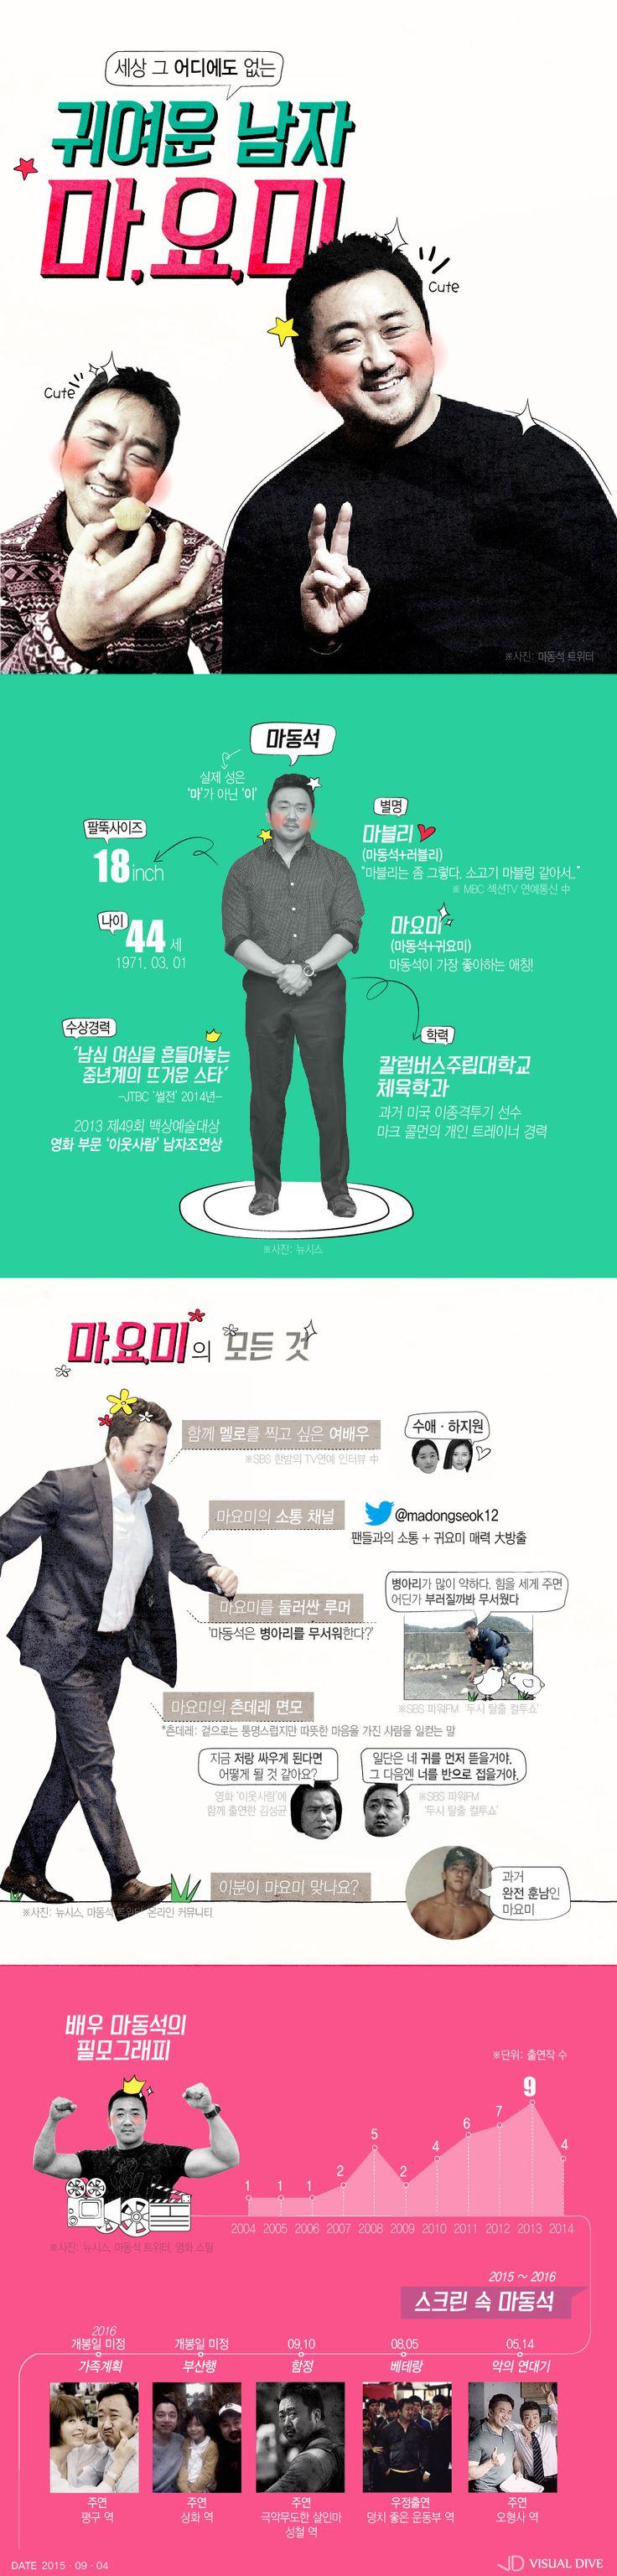 마성의 남자, 신 스틸러 '마요미' [인포그래픽] #MaDongSeok / #Infographic ⓒ 비주얼다이브 무단 복사·전재·재배포 금지